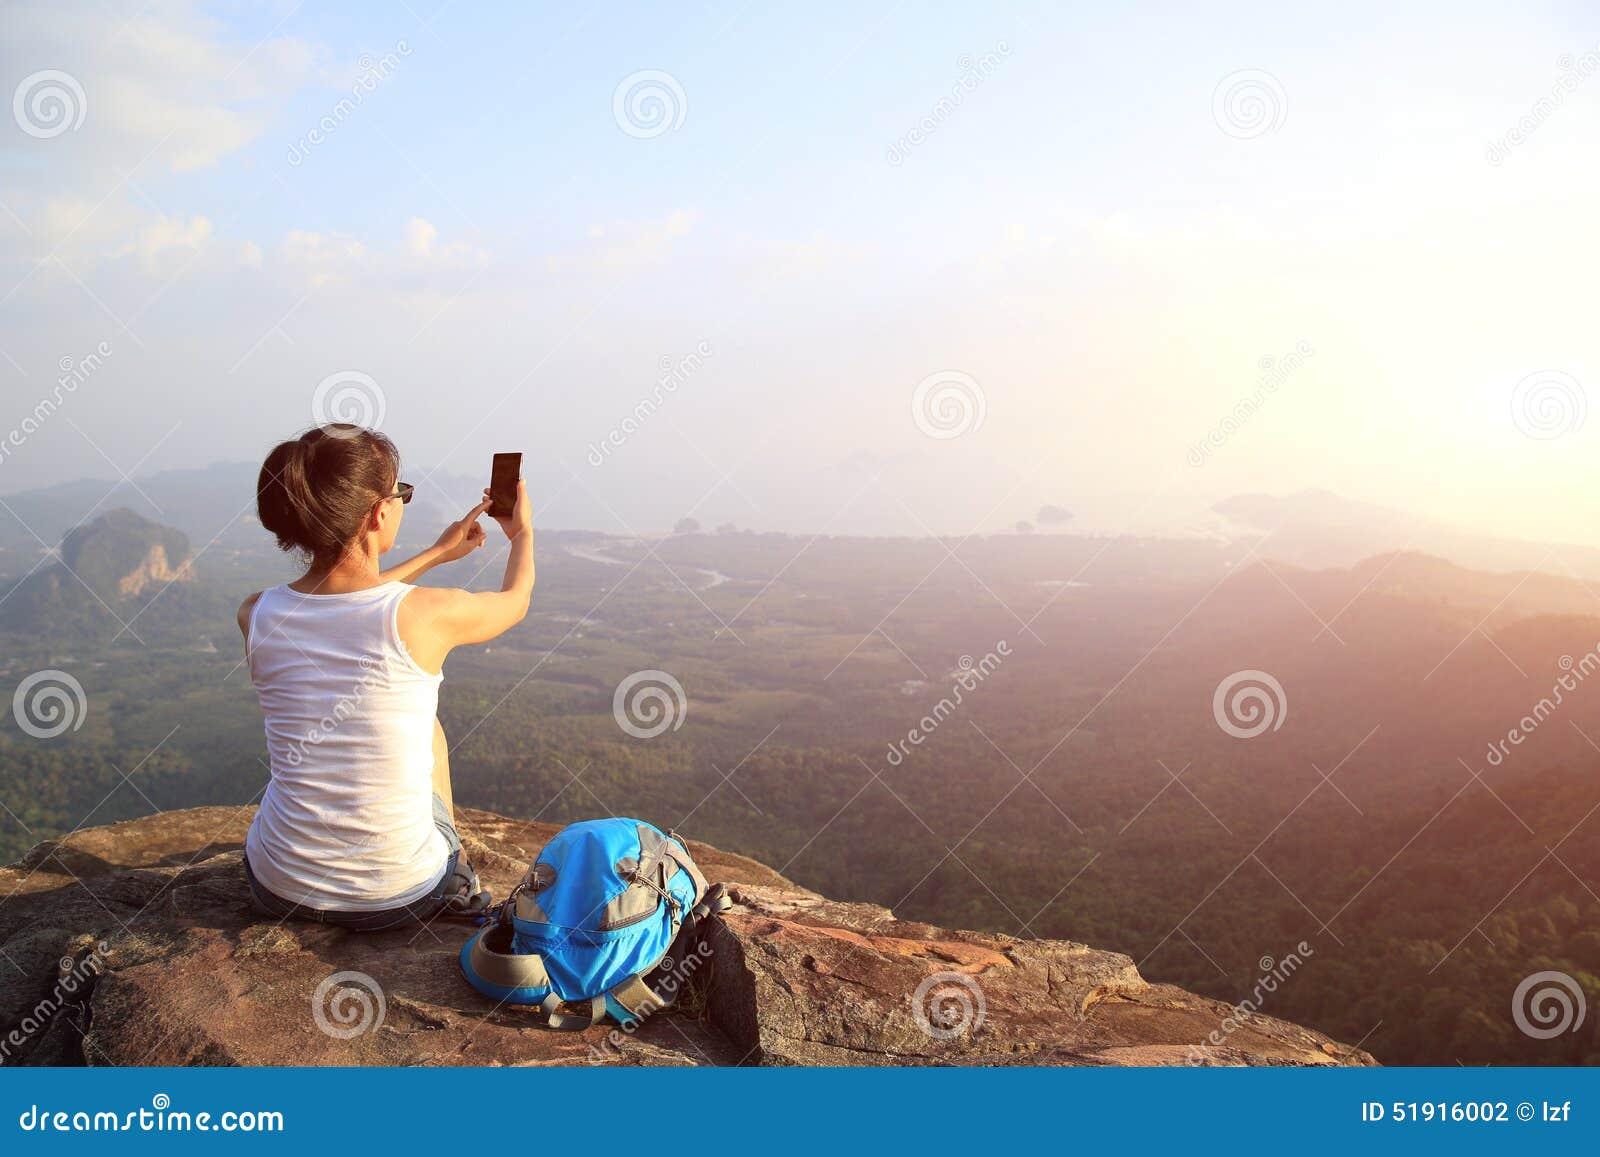 Fotógrafo da mulher que toma fotos no pico de montanha